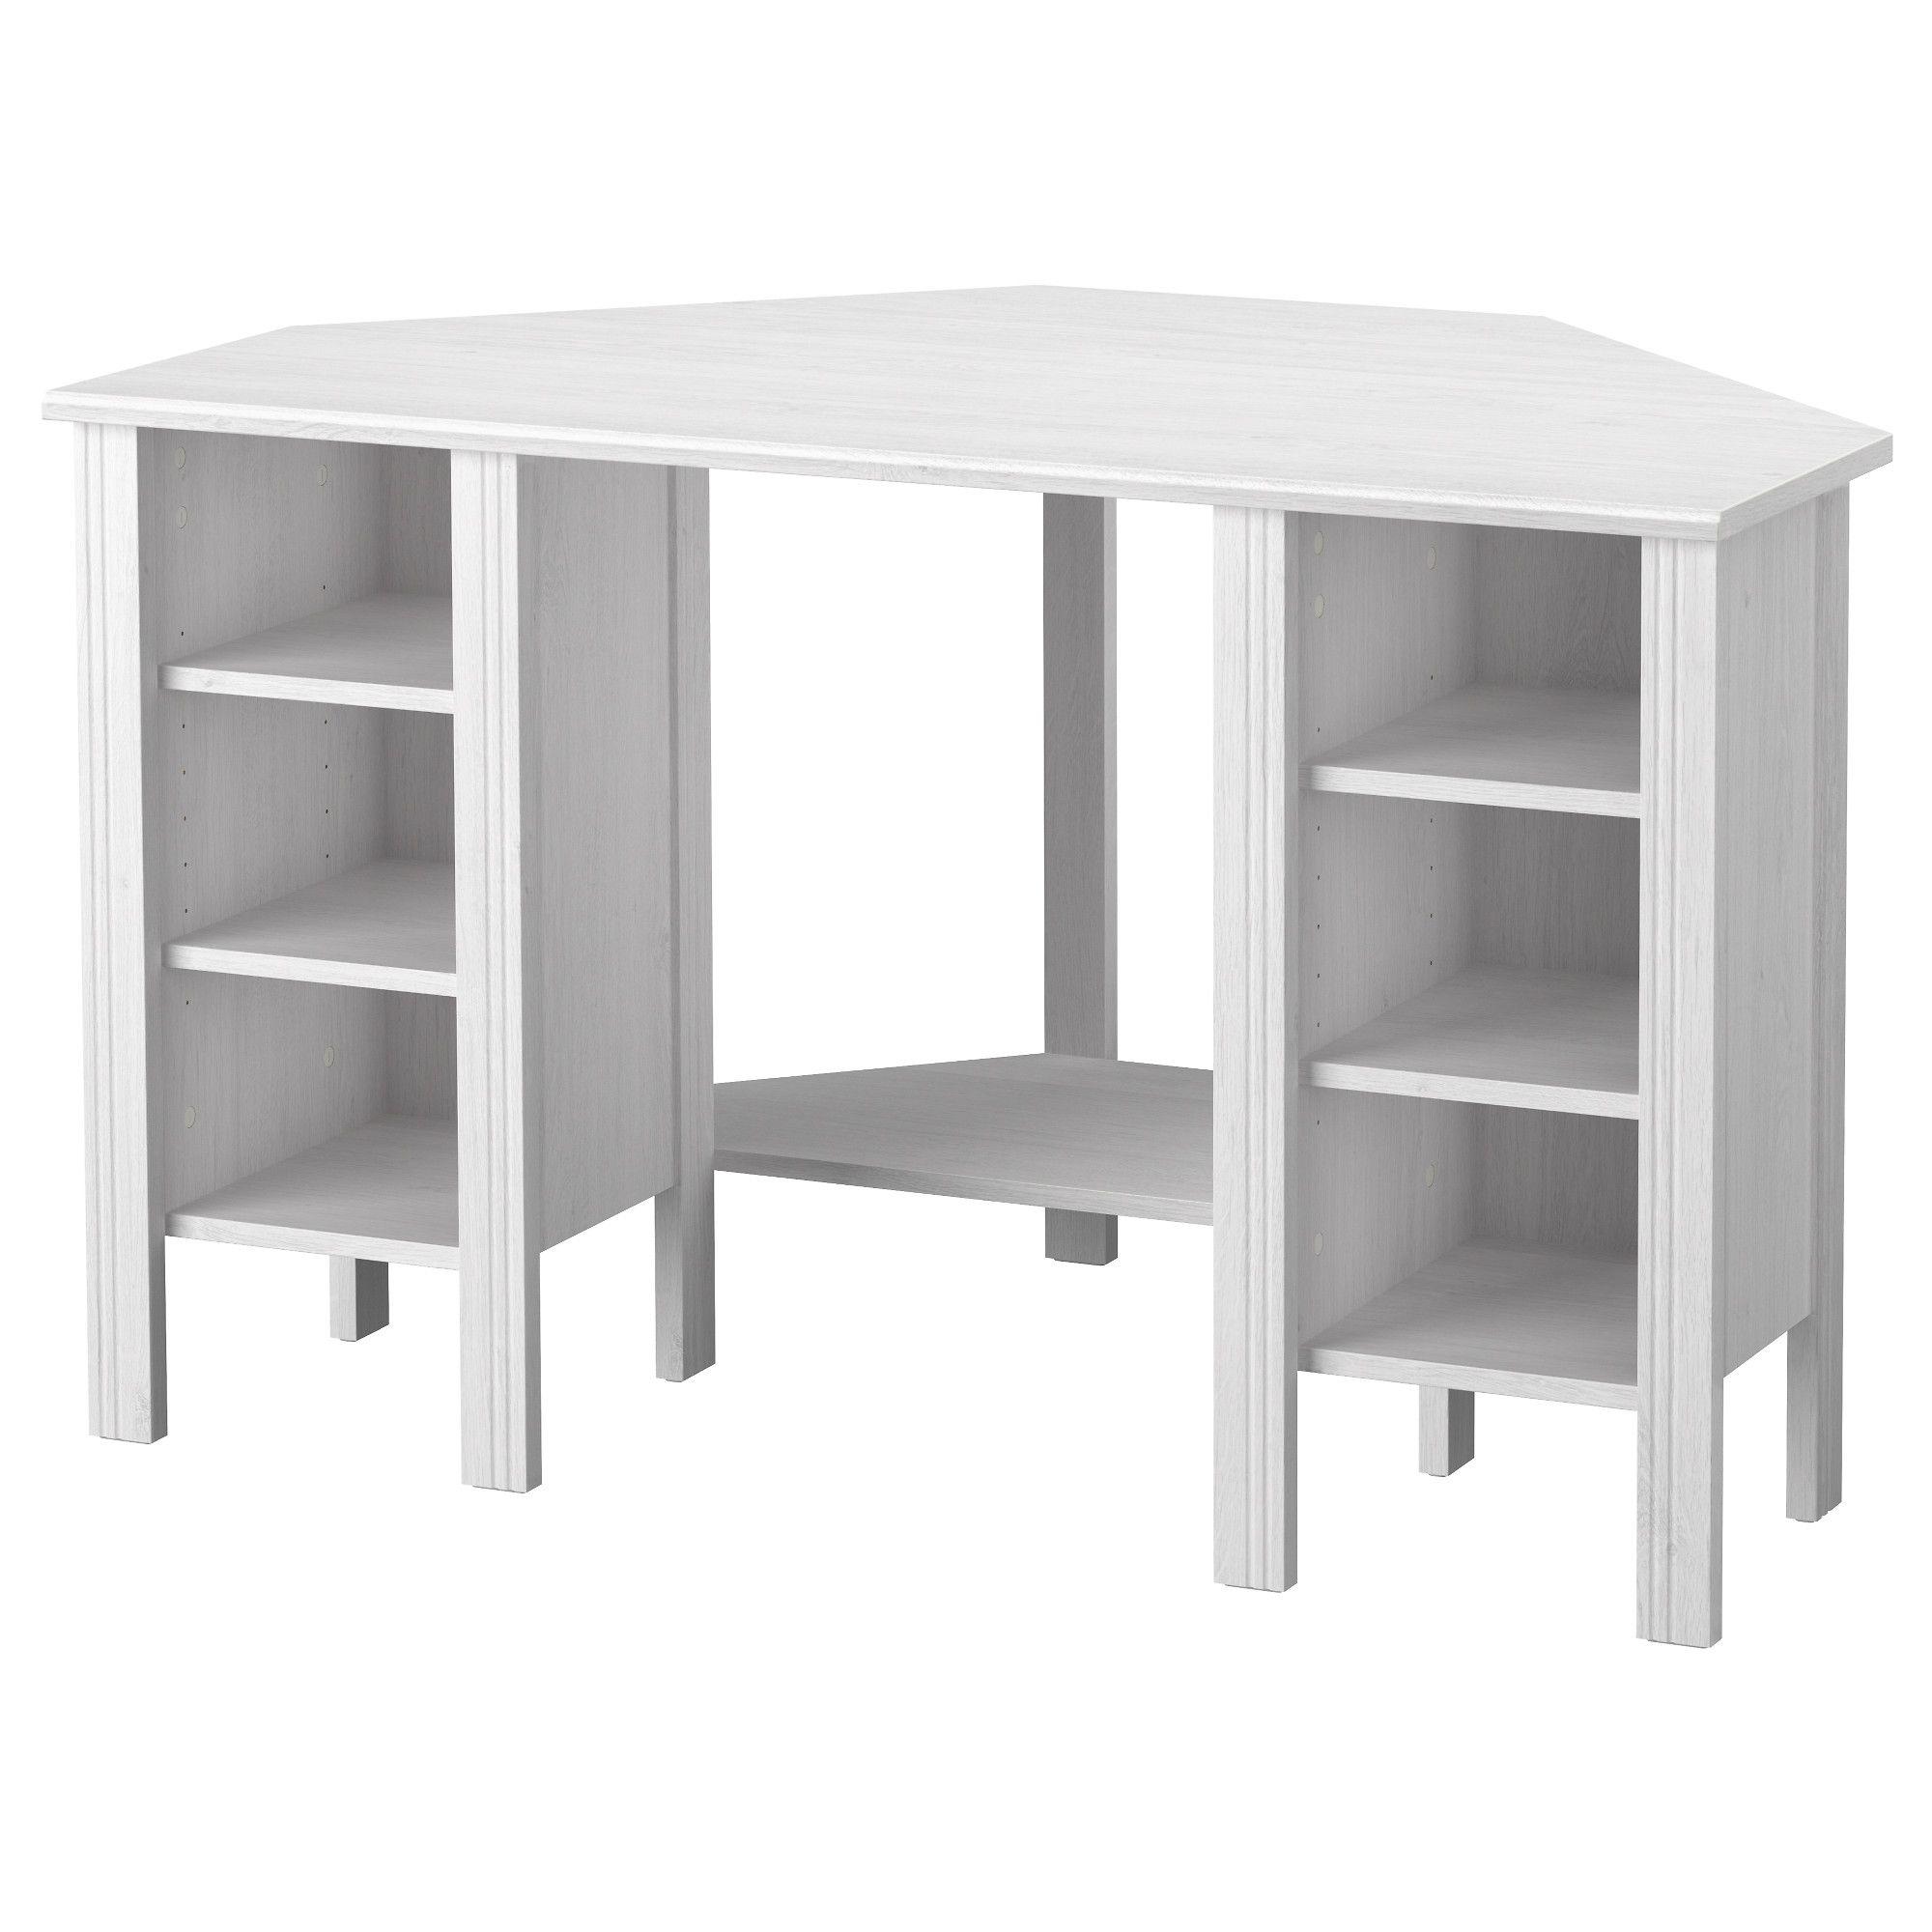 Brusali corner desk white ikea idei tatuaje ikea - Small corner desk with storage ...